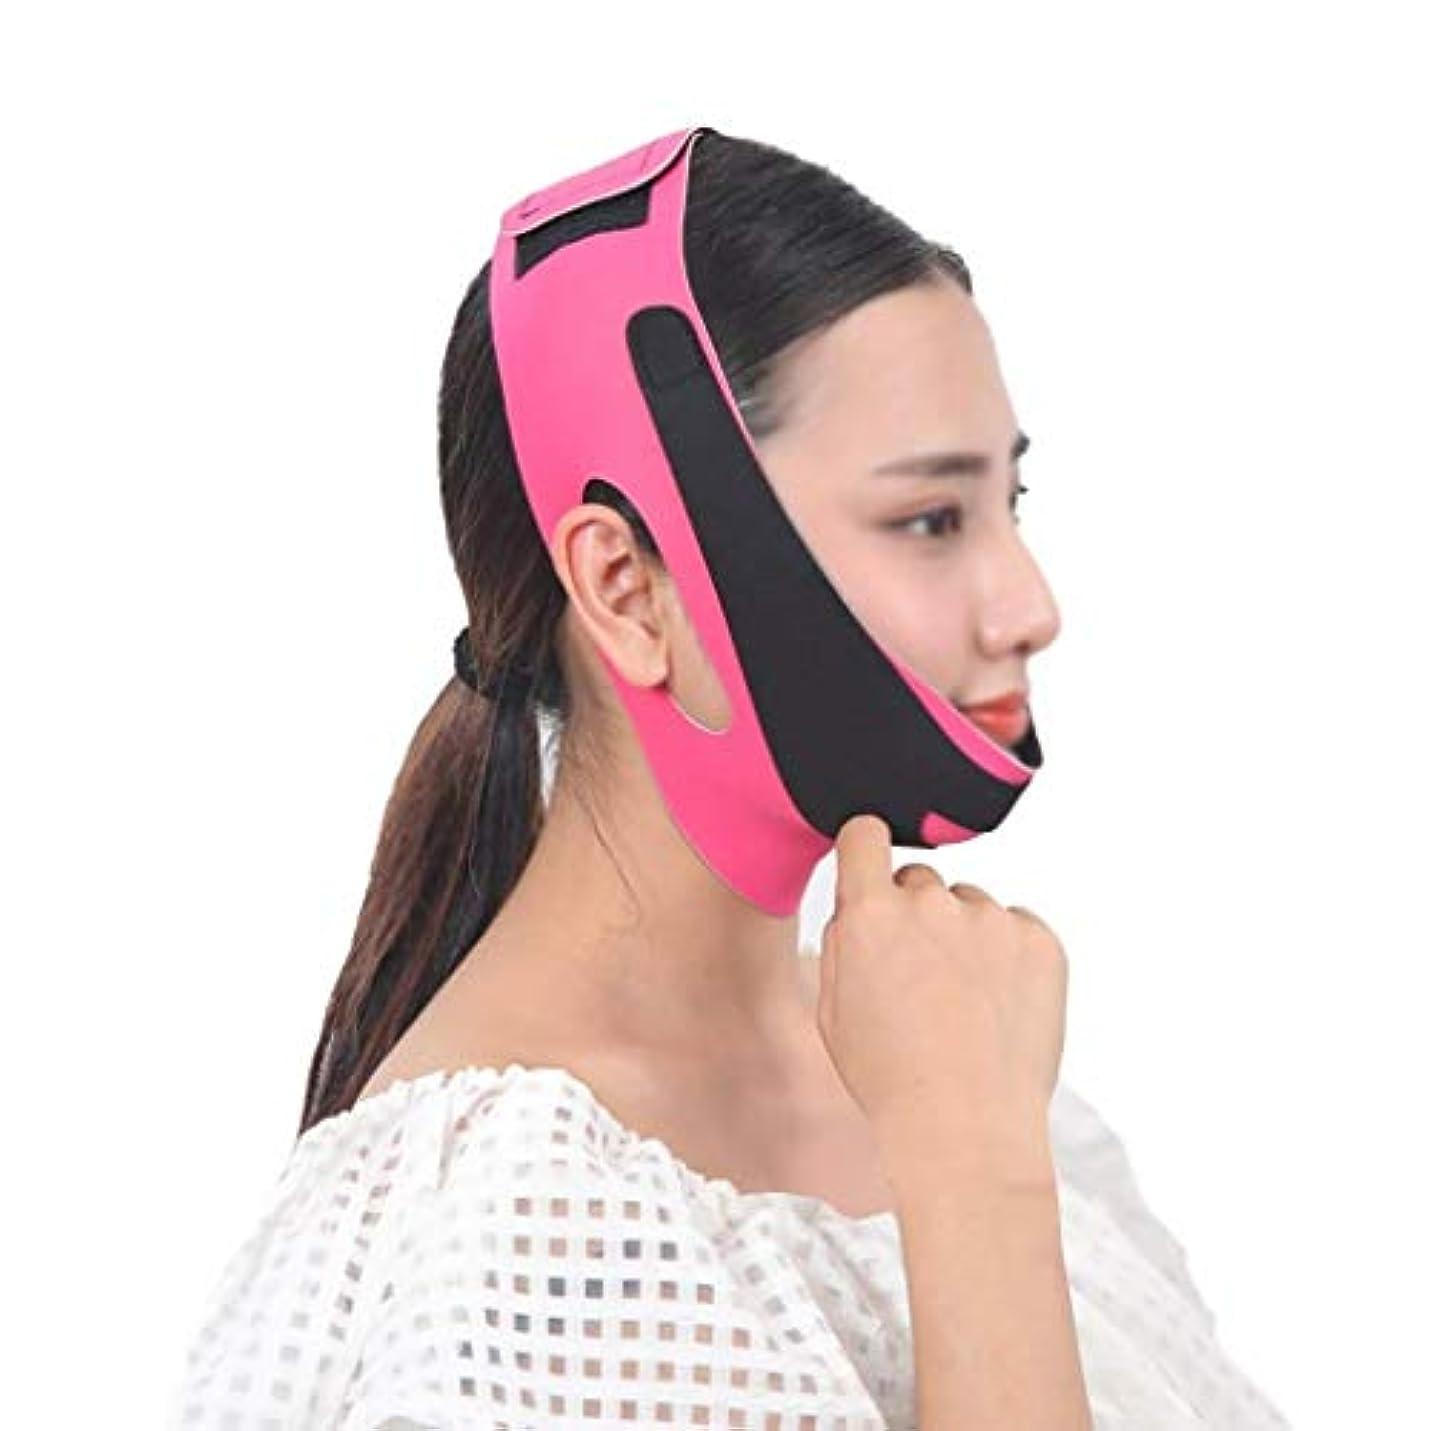 反発するジャンピングジャック優越フェイスアンドネックリフト術後弾性フェイスマスク小さなV顔アーティファクト薄い顔包帯アーティファクトV顔ぶら下げ耳リフティング引き締め薄い顔アーティファクト